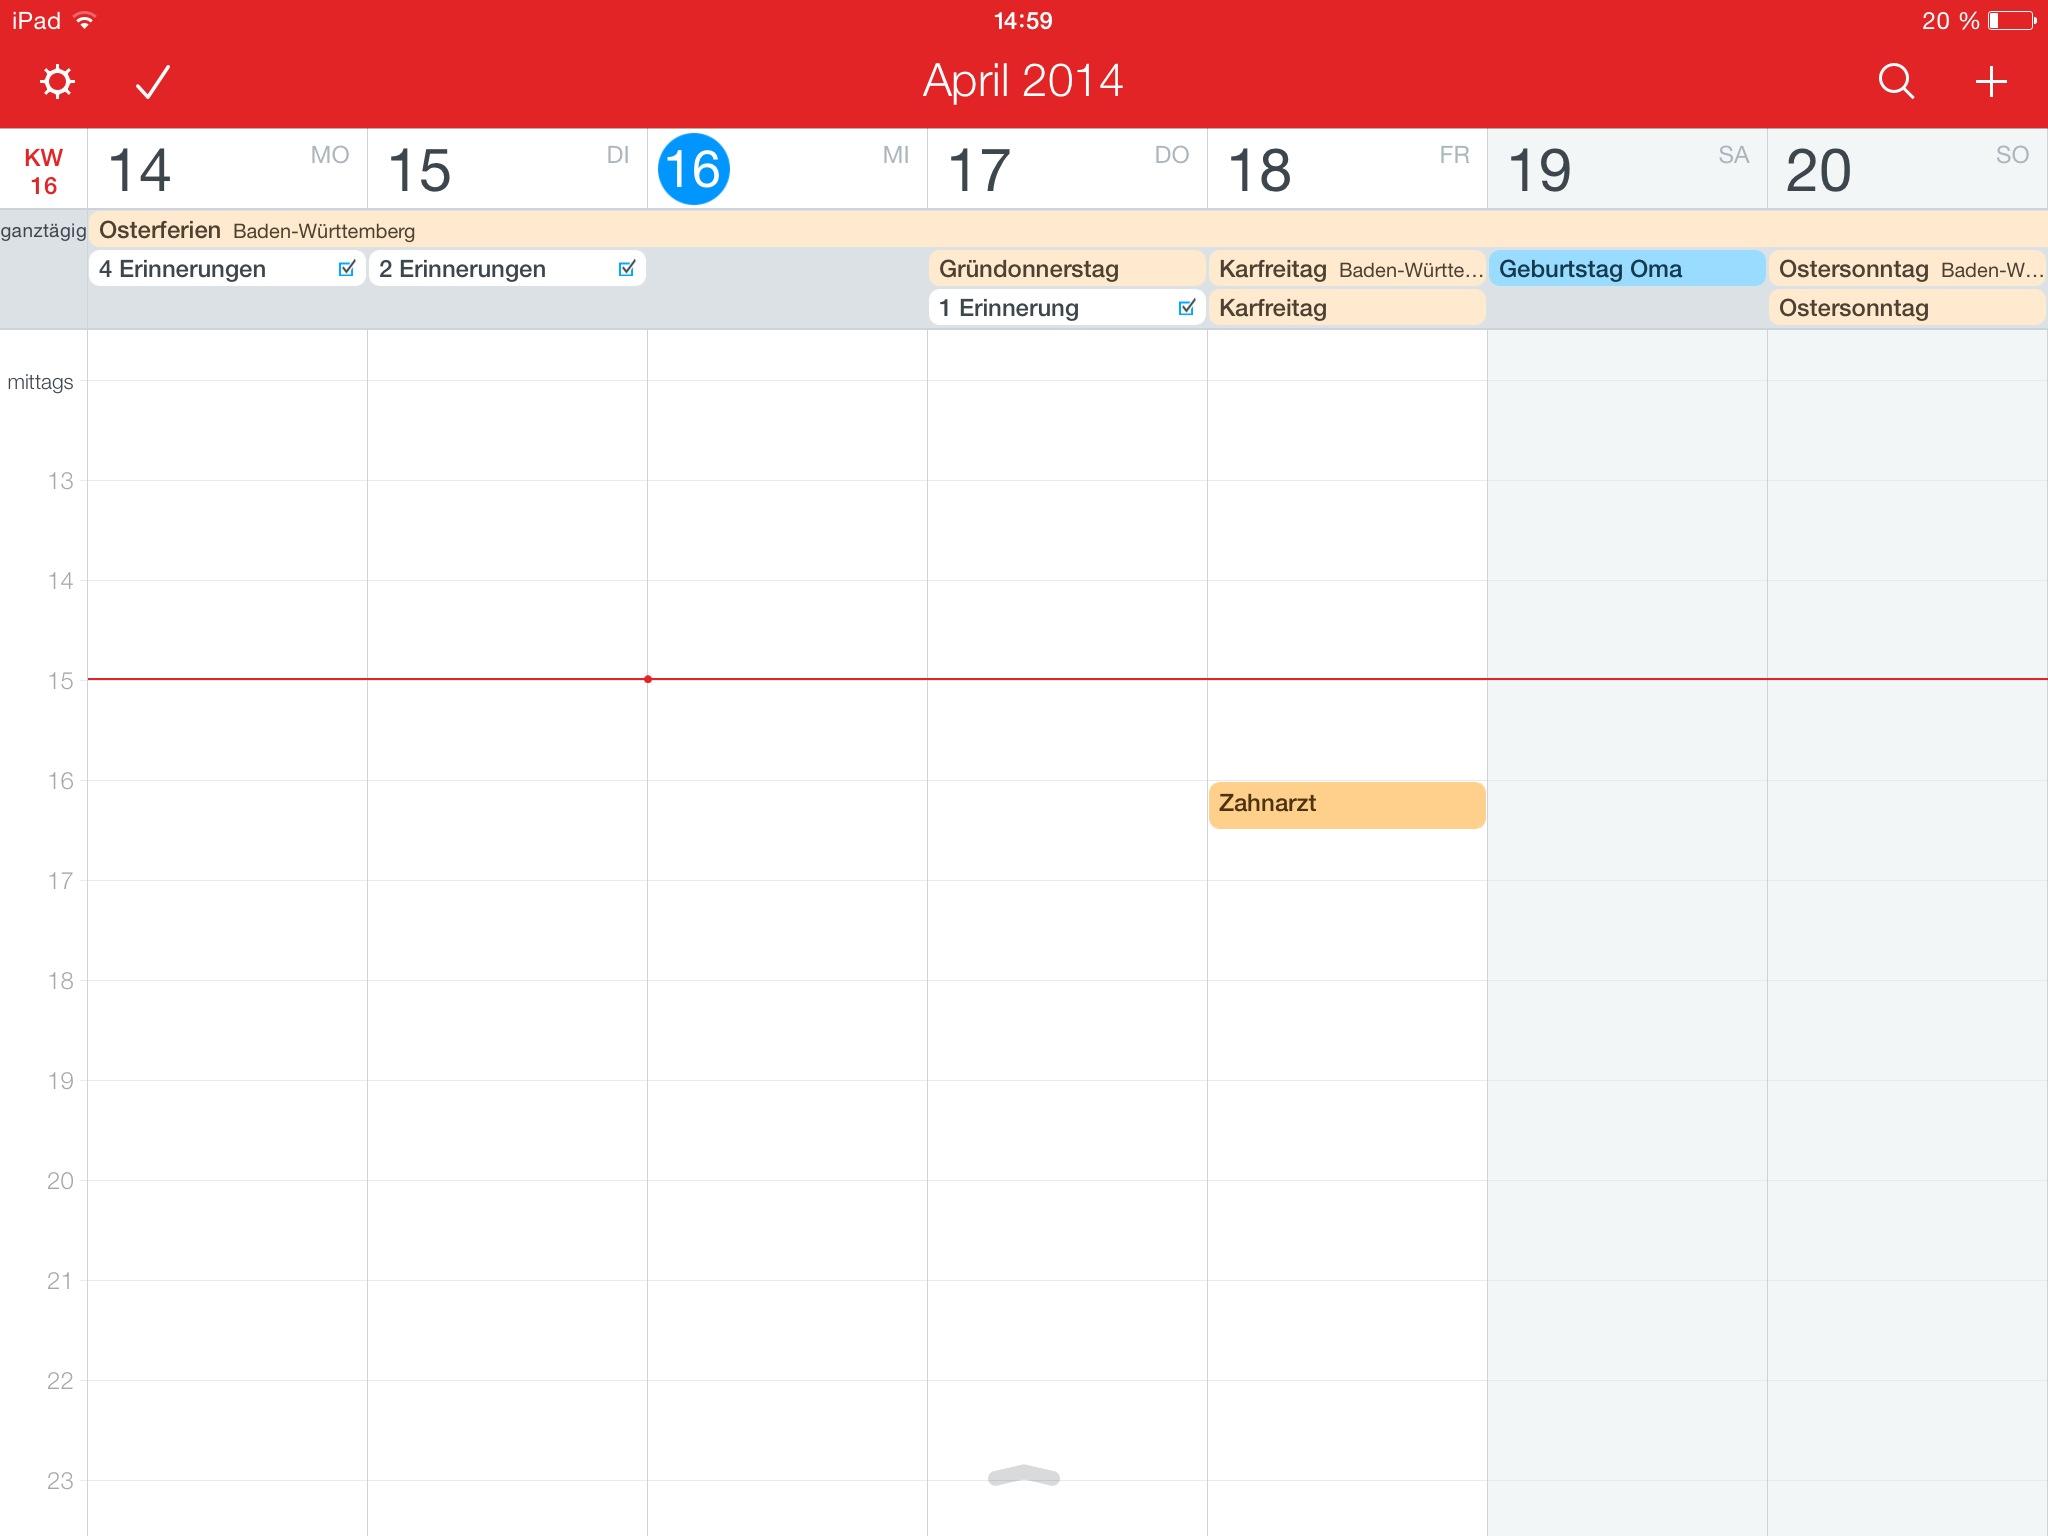 Fantastical 2 für iPad von Flexibits fantastical 2 Getestet: Fantastical 2 von Flexibits für das iPad IMG 0063